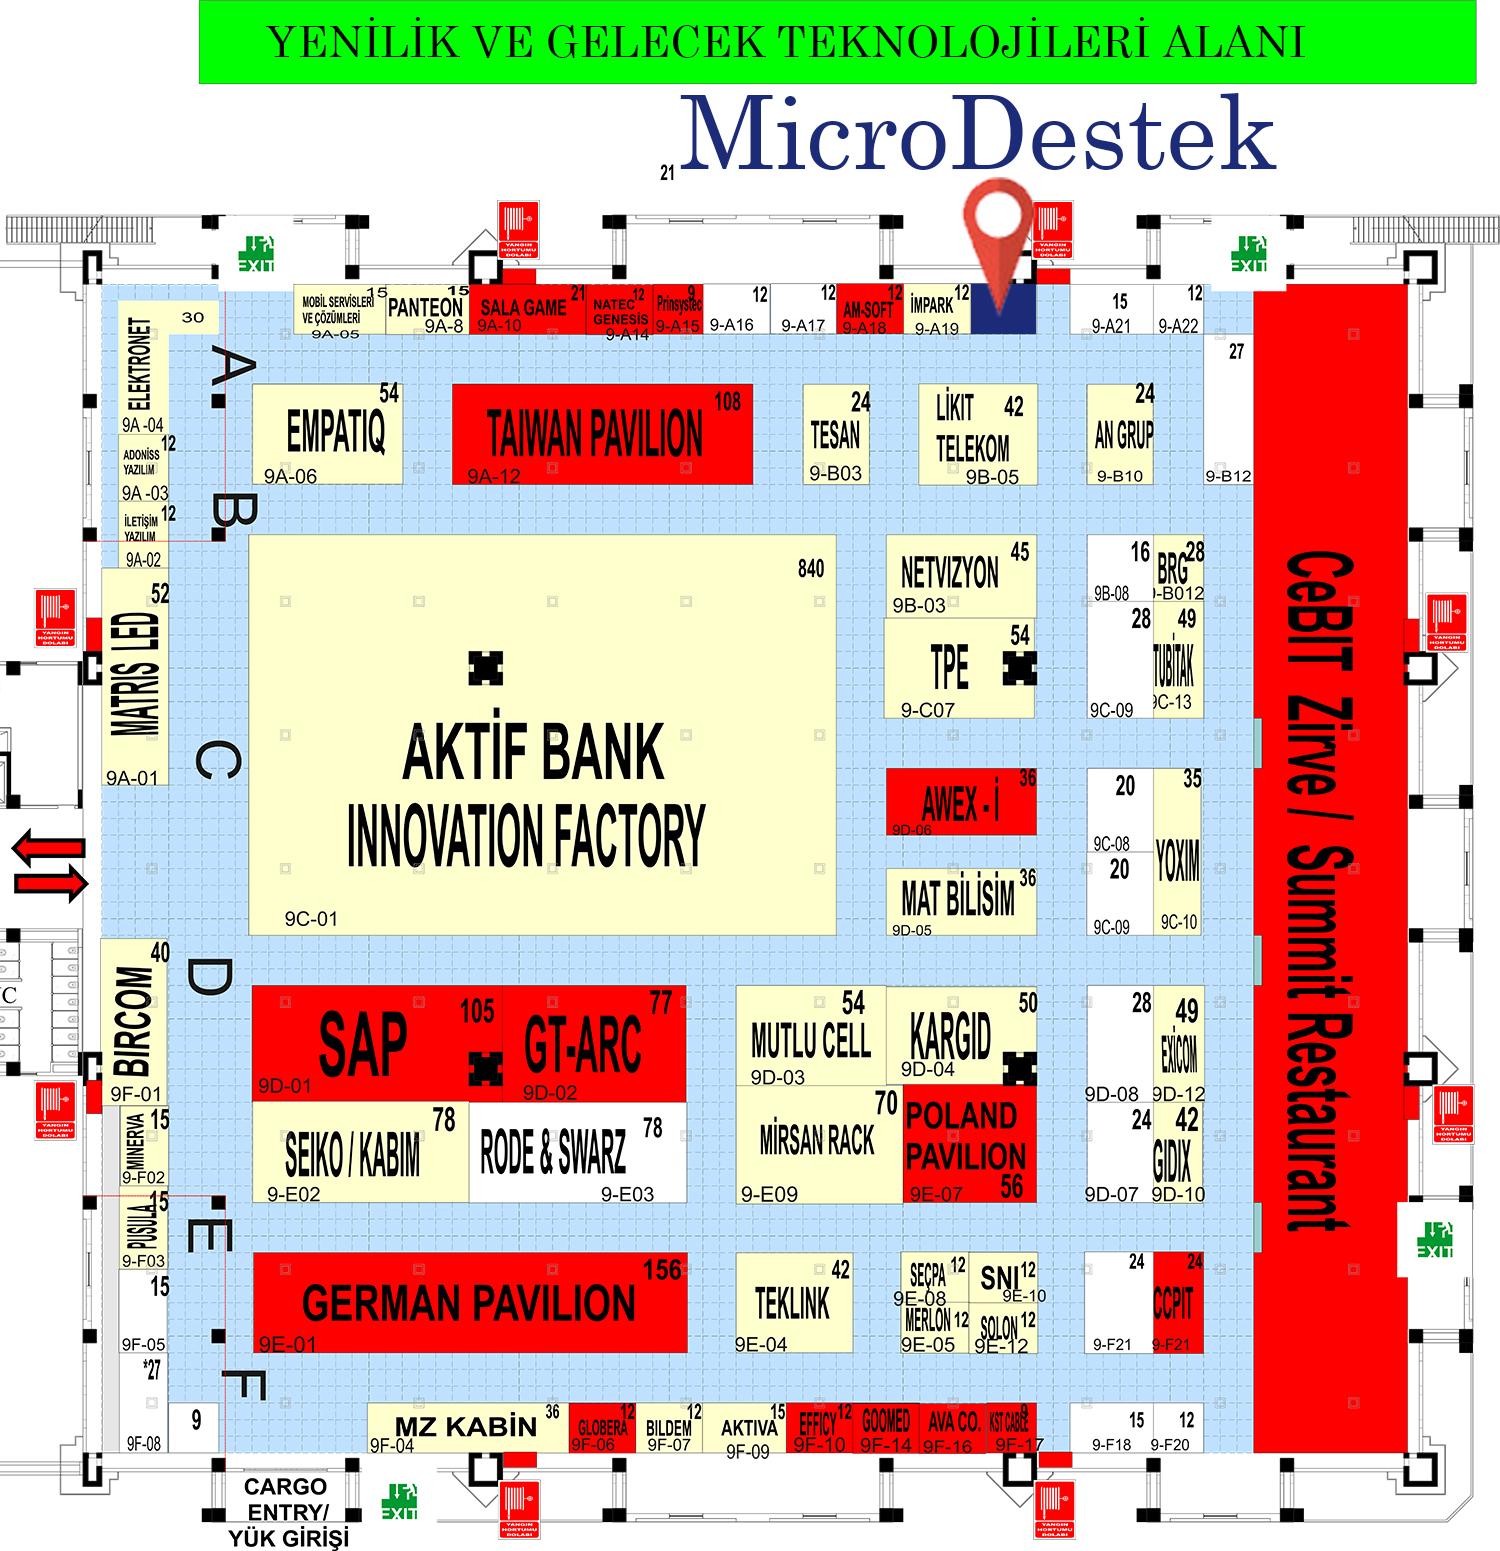 MicroDestek Cebit Fuar Alanında Nerede ?